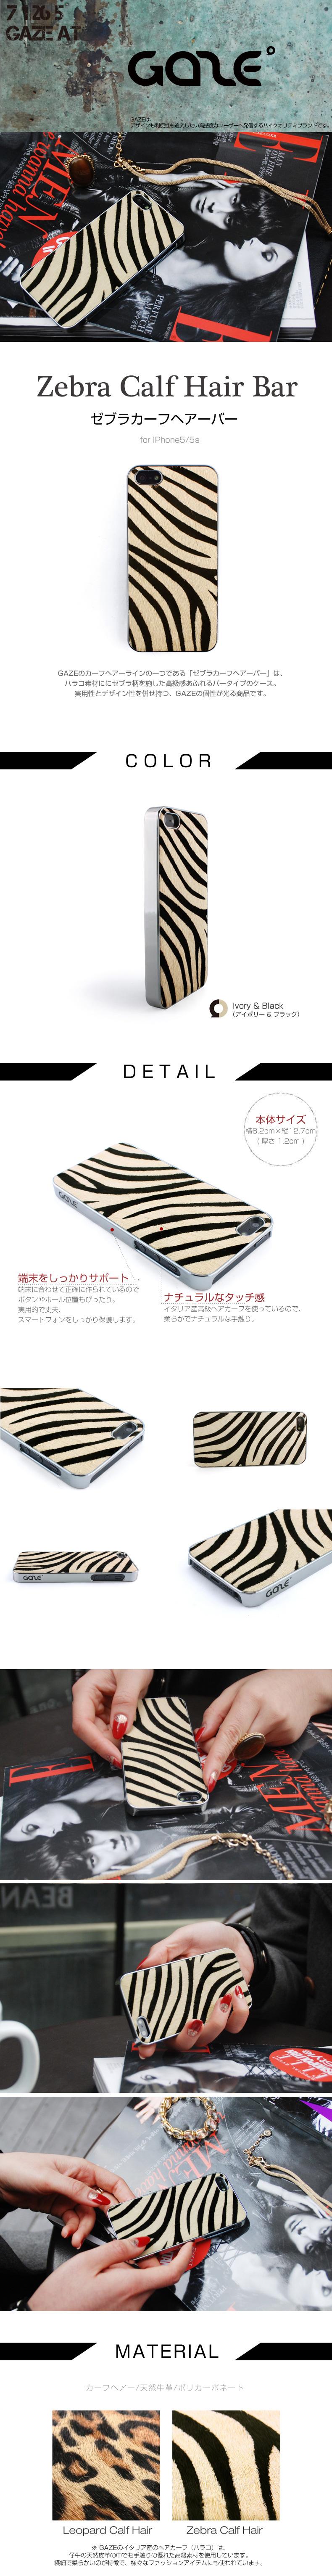 商品詳細iPhone5/5sゼブラカーフヘアーバー